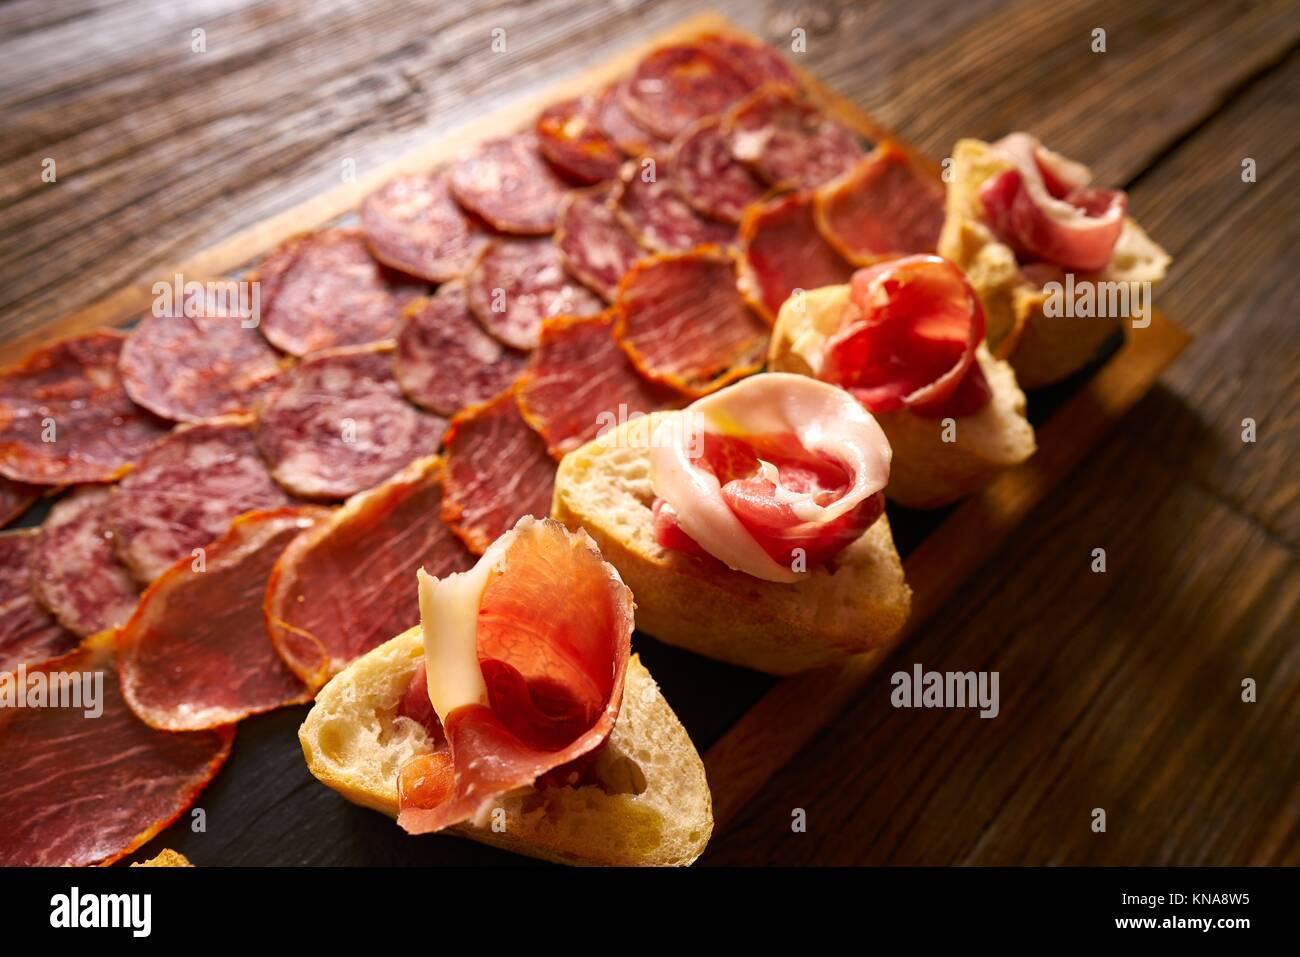 Junta de salchichas y jamón ibérico Tapas de España. Imagen De Stock